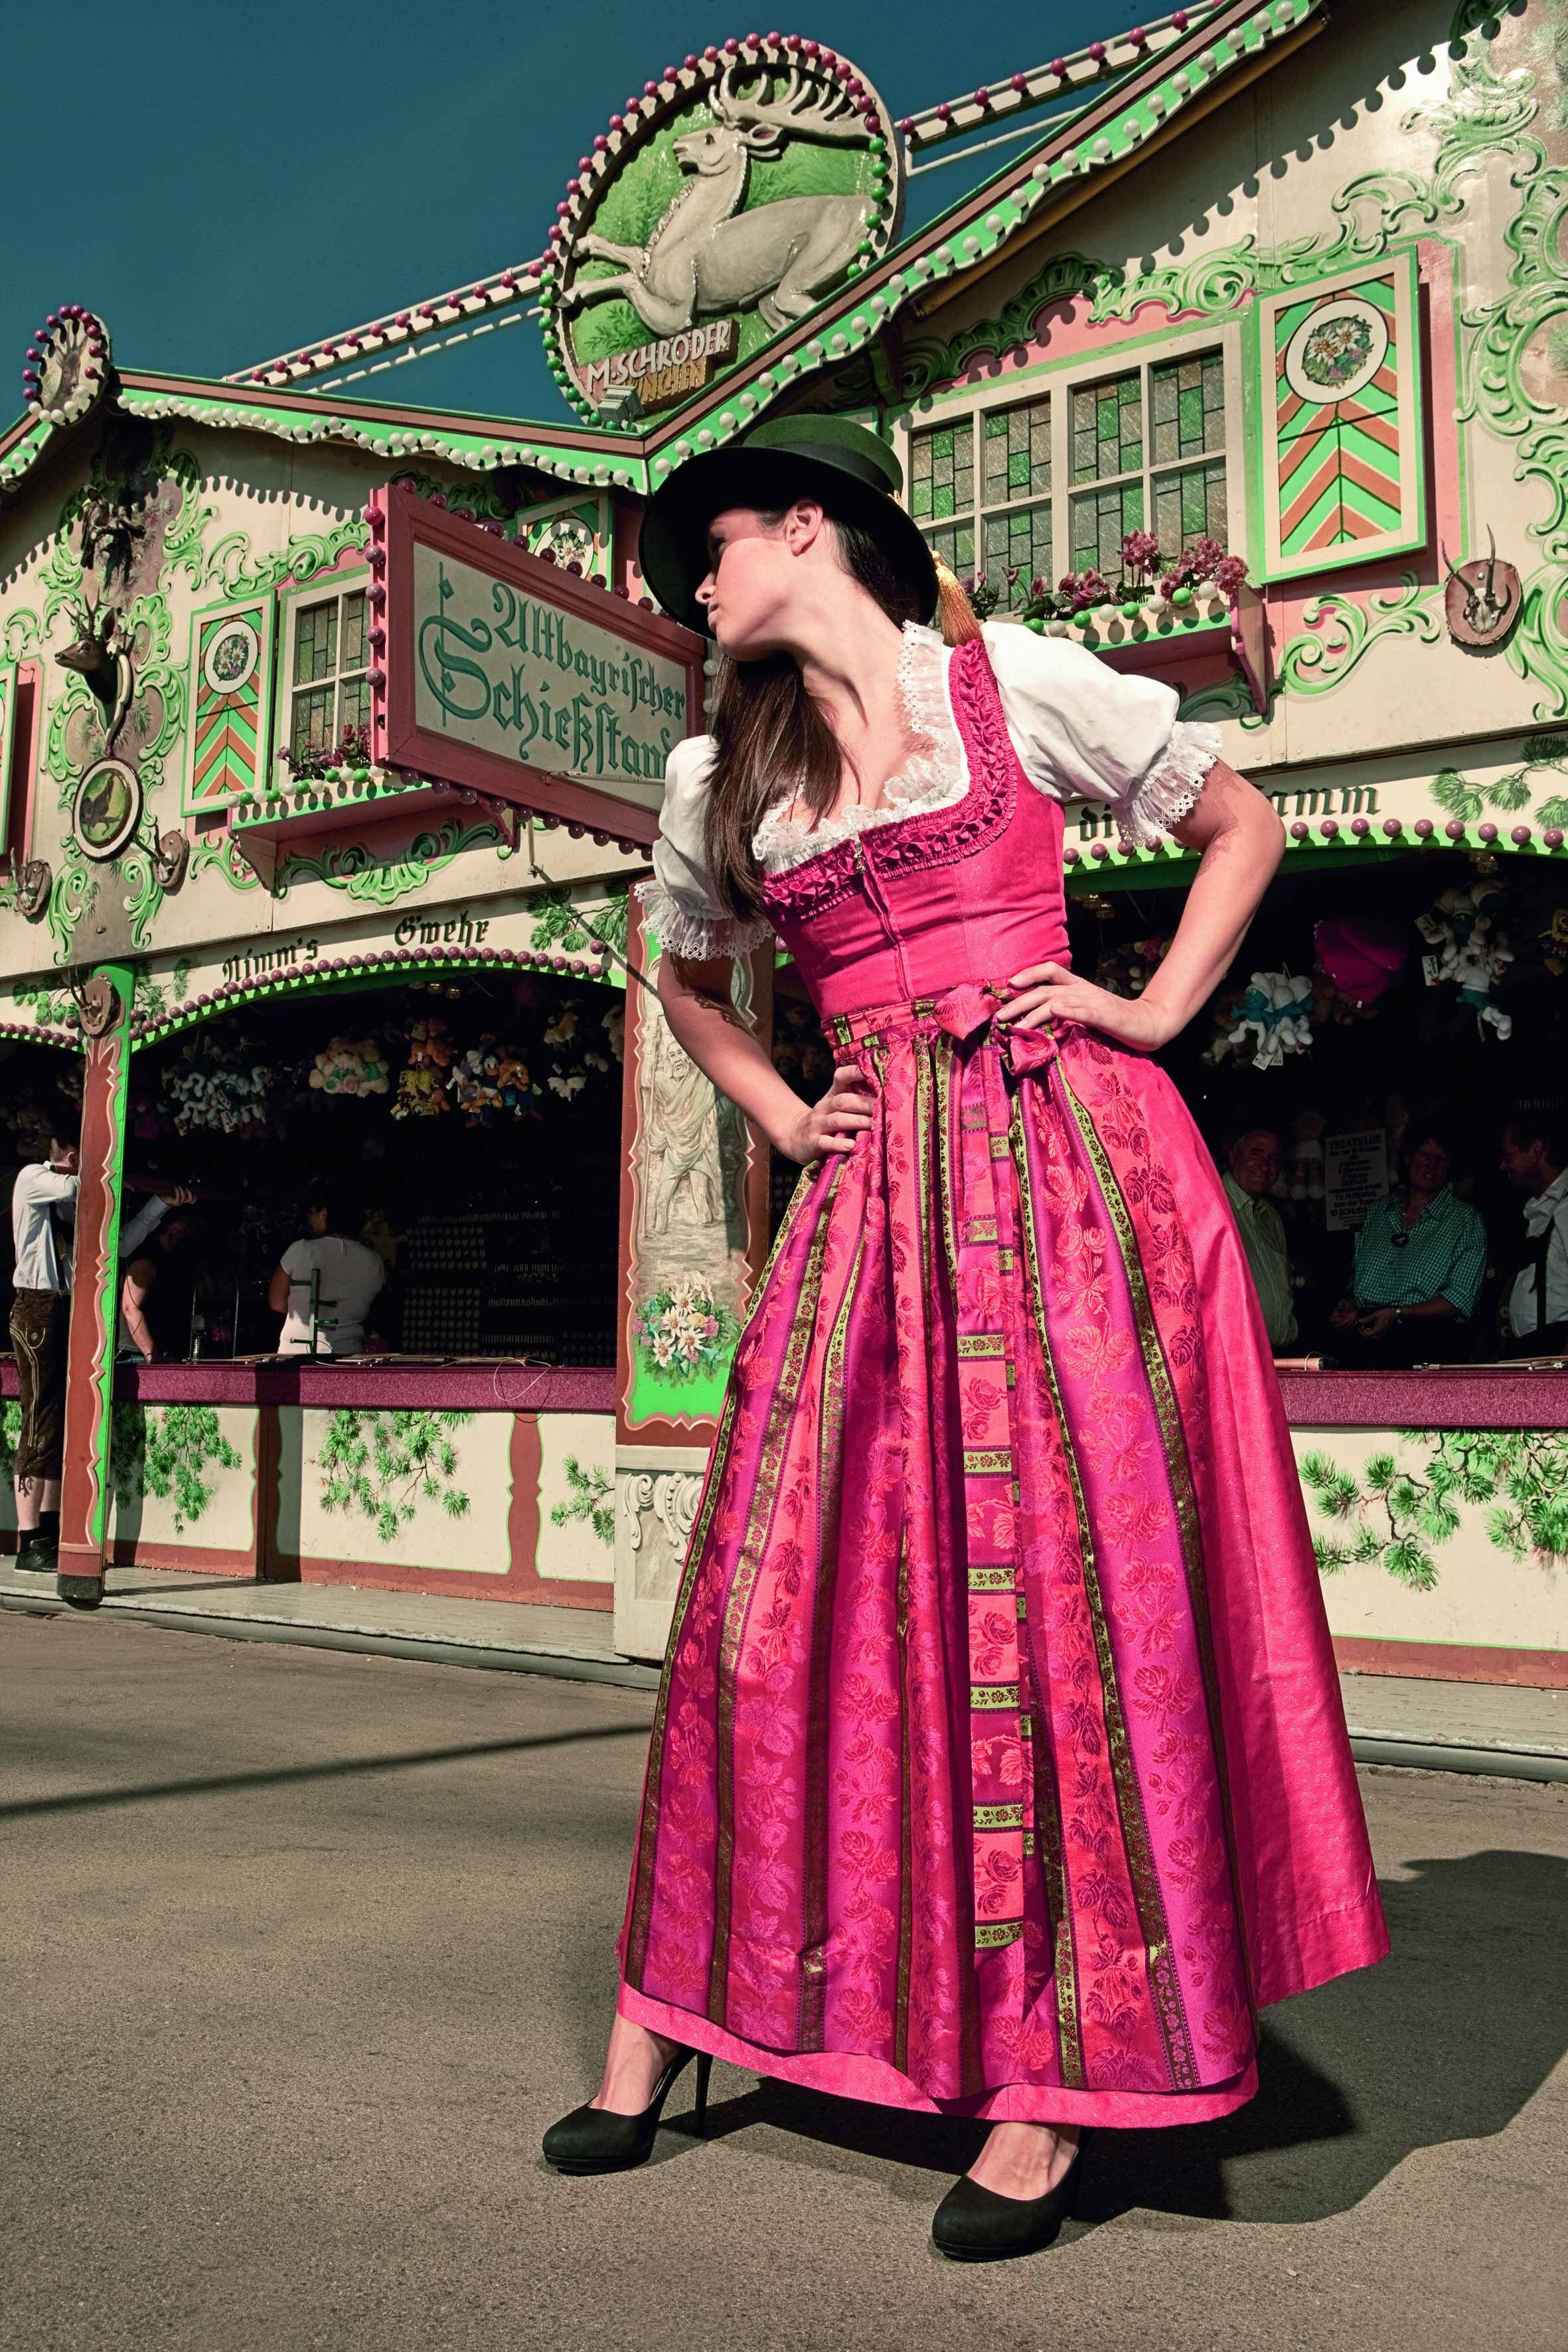 Green Farben München farbbberatung stilberatung farbenreich mit farben reich com